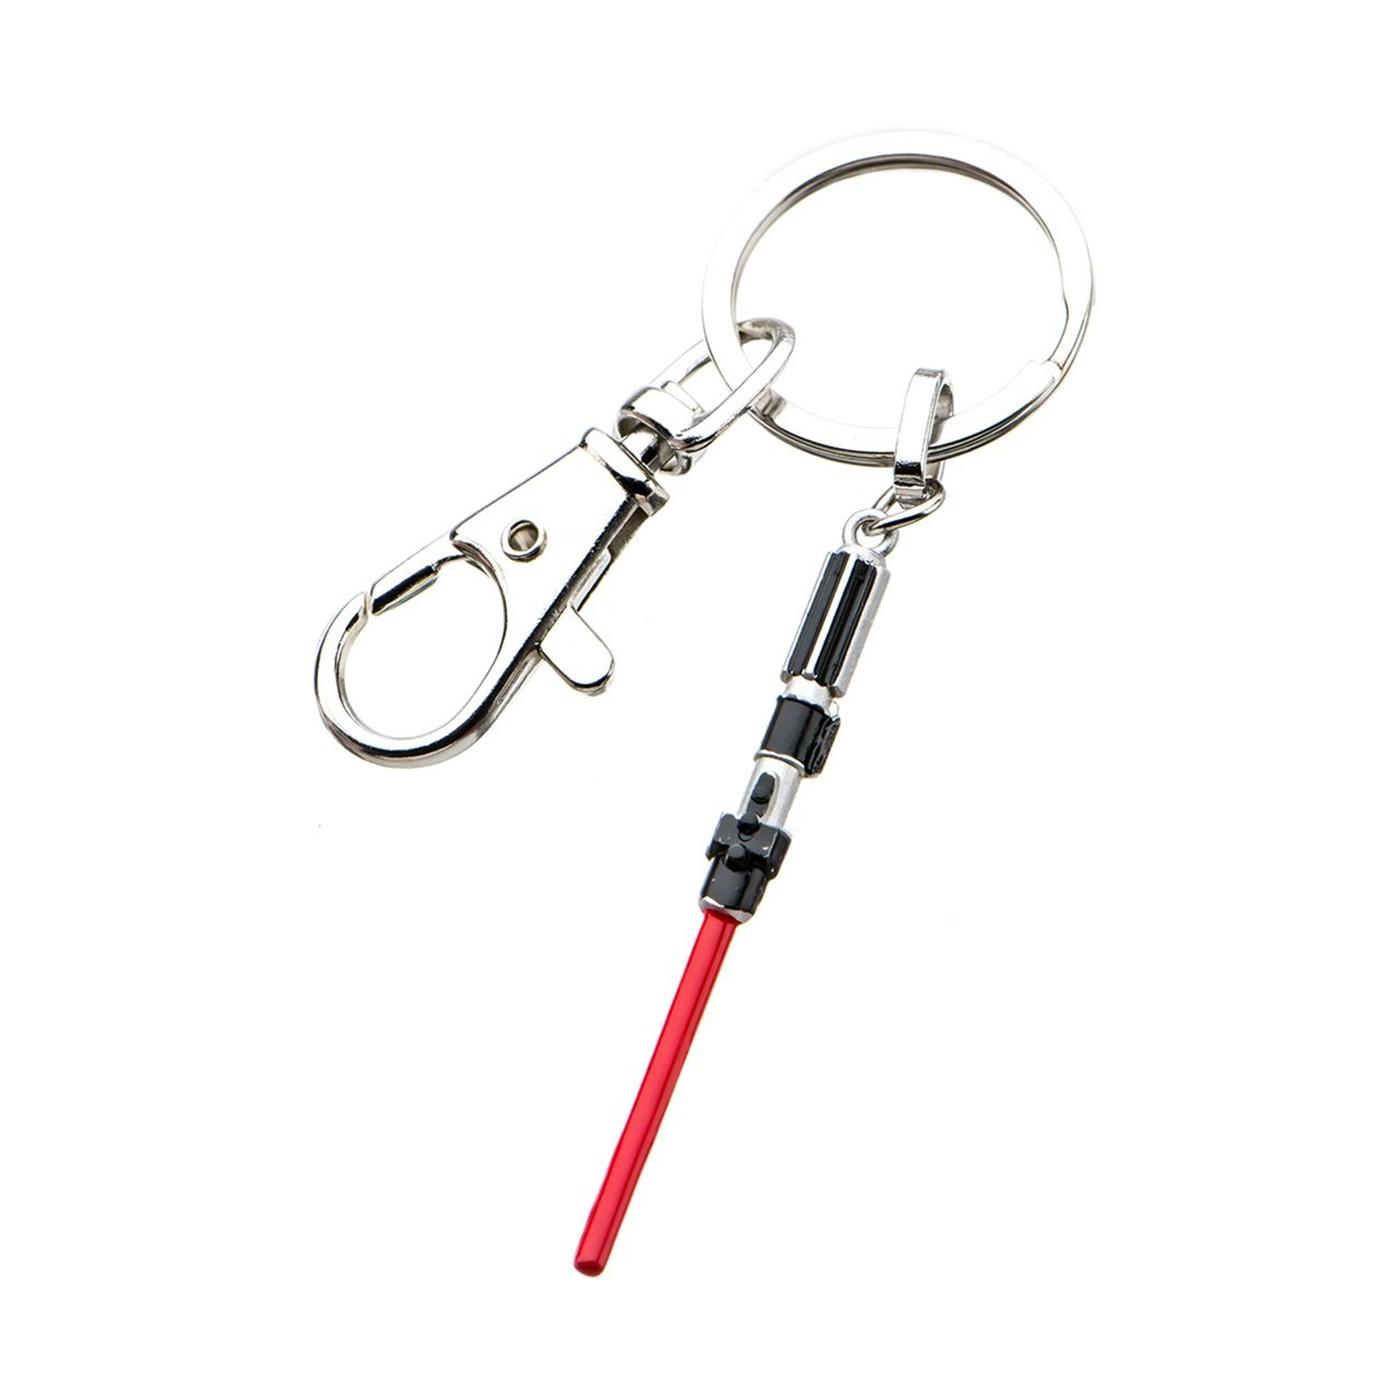 Star Wars Lightsaber Keychain